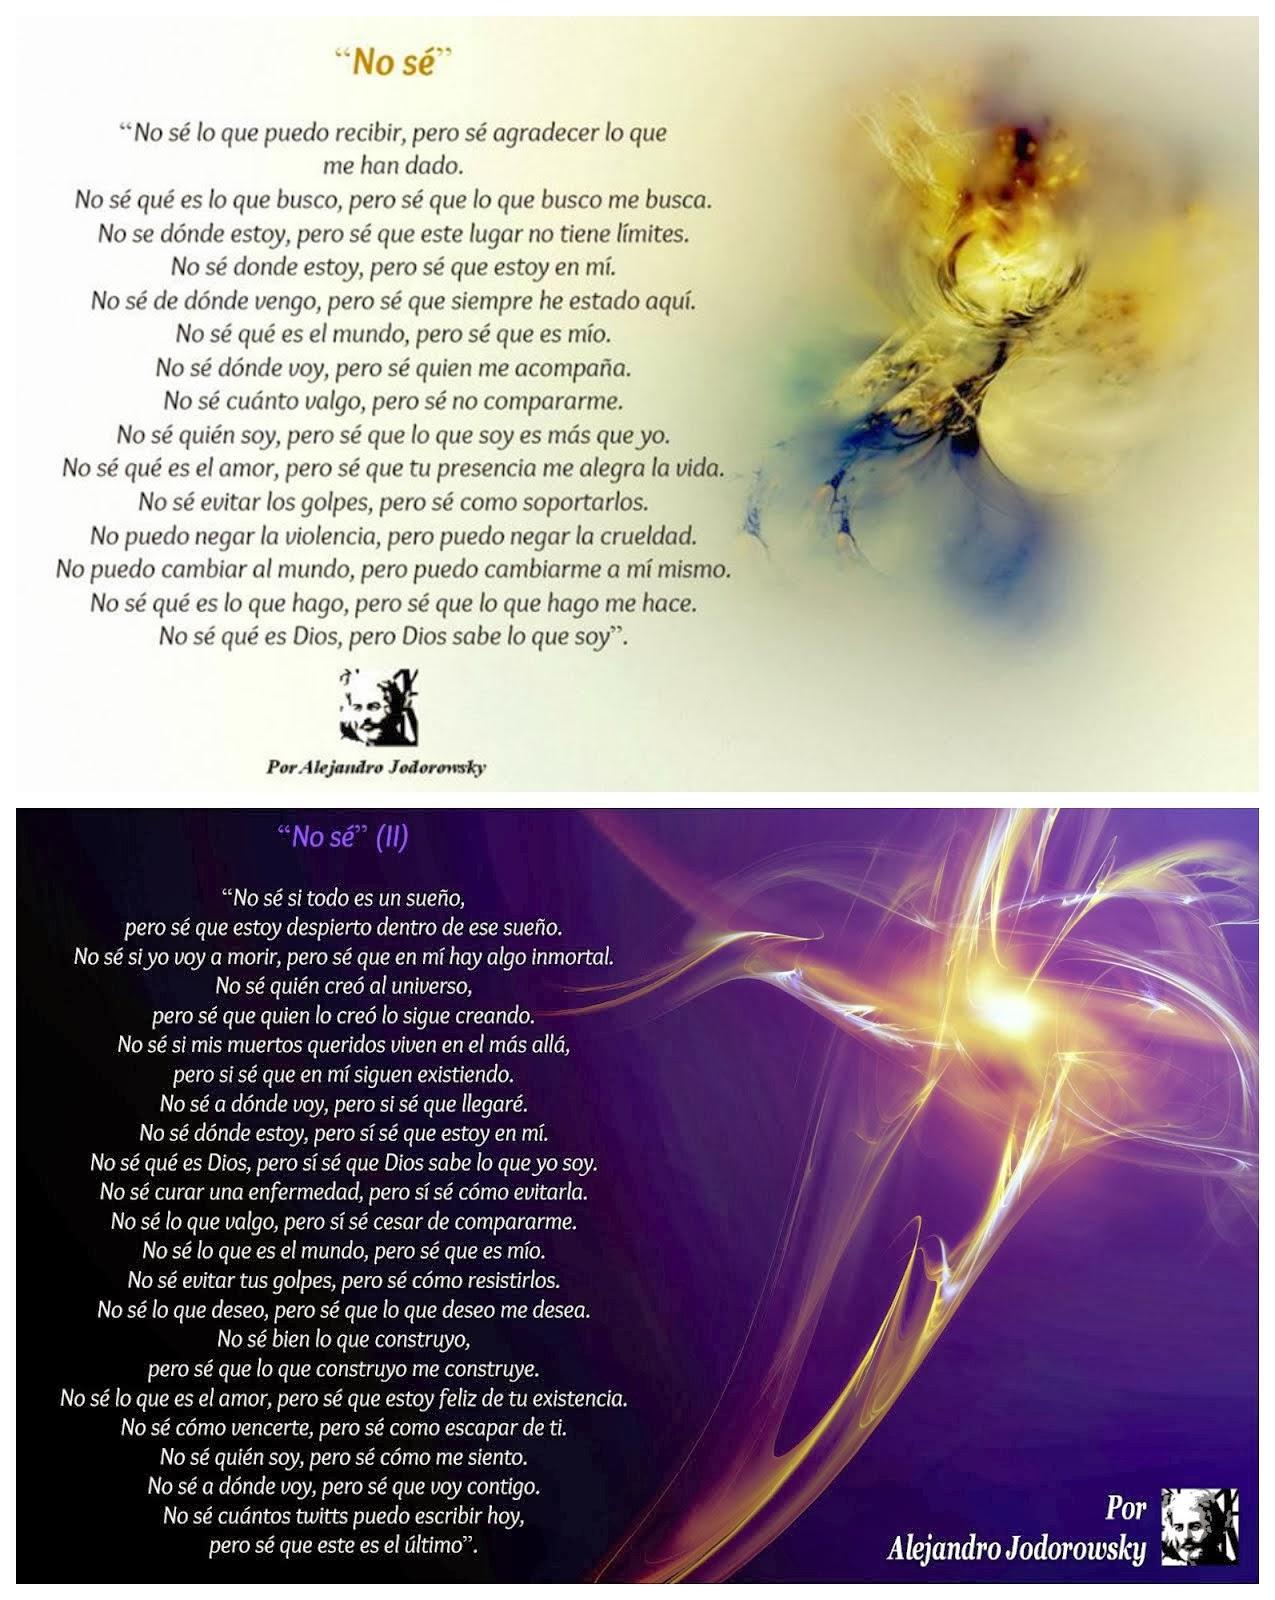 """""""No sé"""", Dos Poemas De Alejandro Jodorowsky Germinados En Twitter (I & II)"""